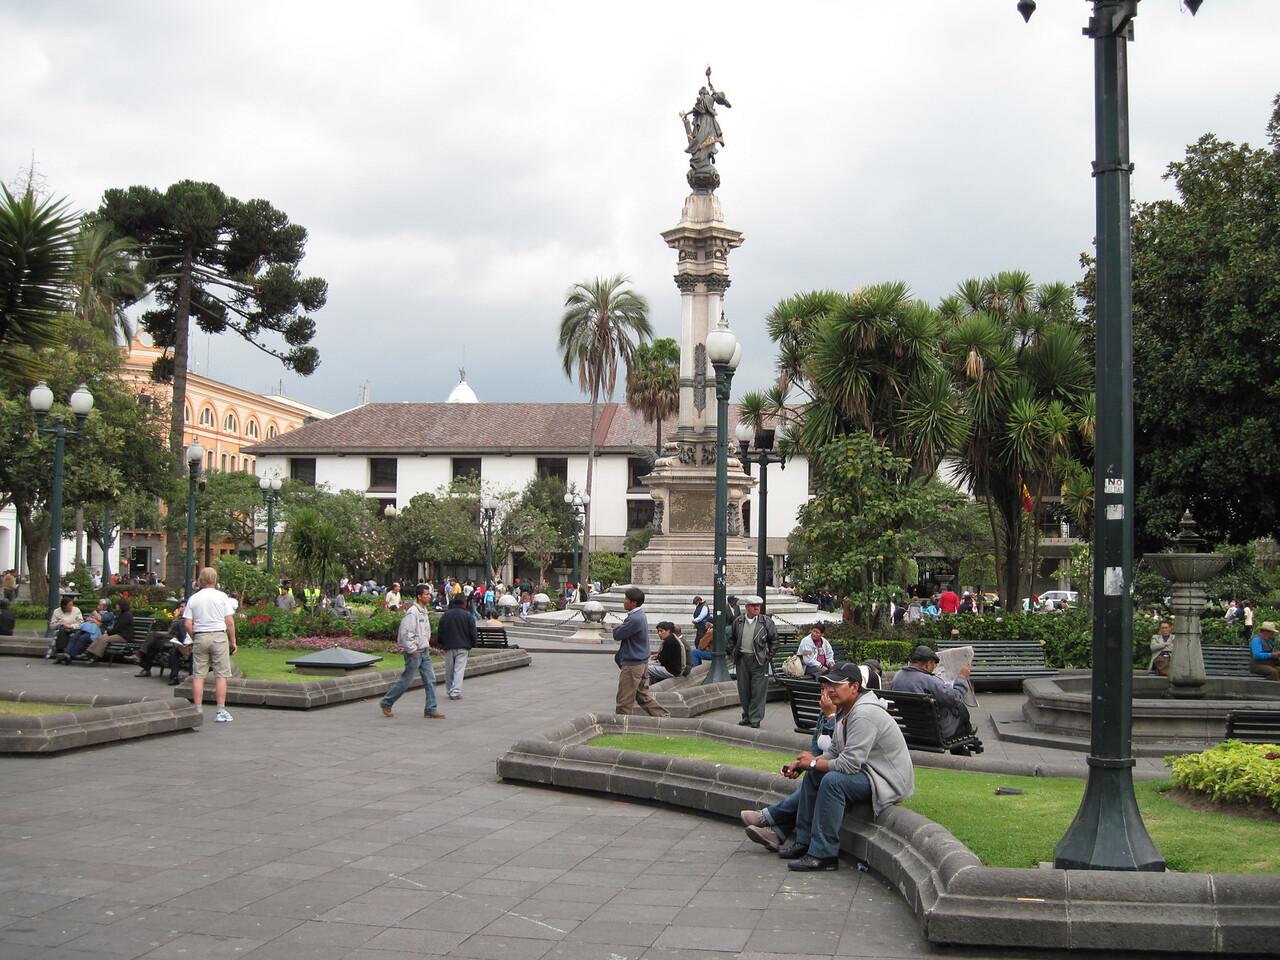 Quito Plaza Grande